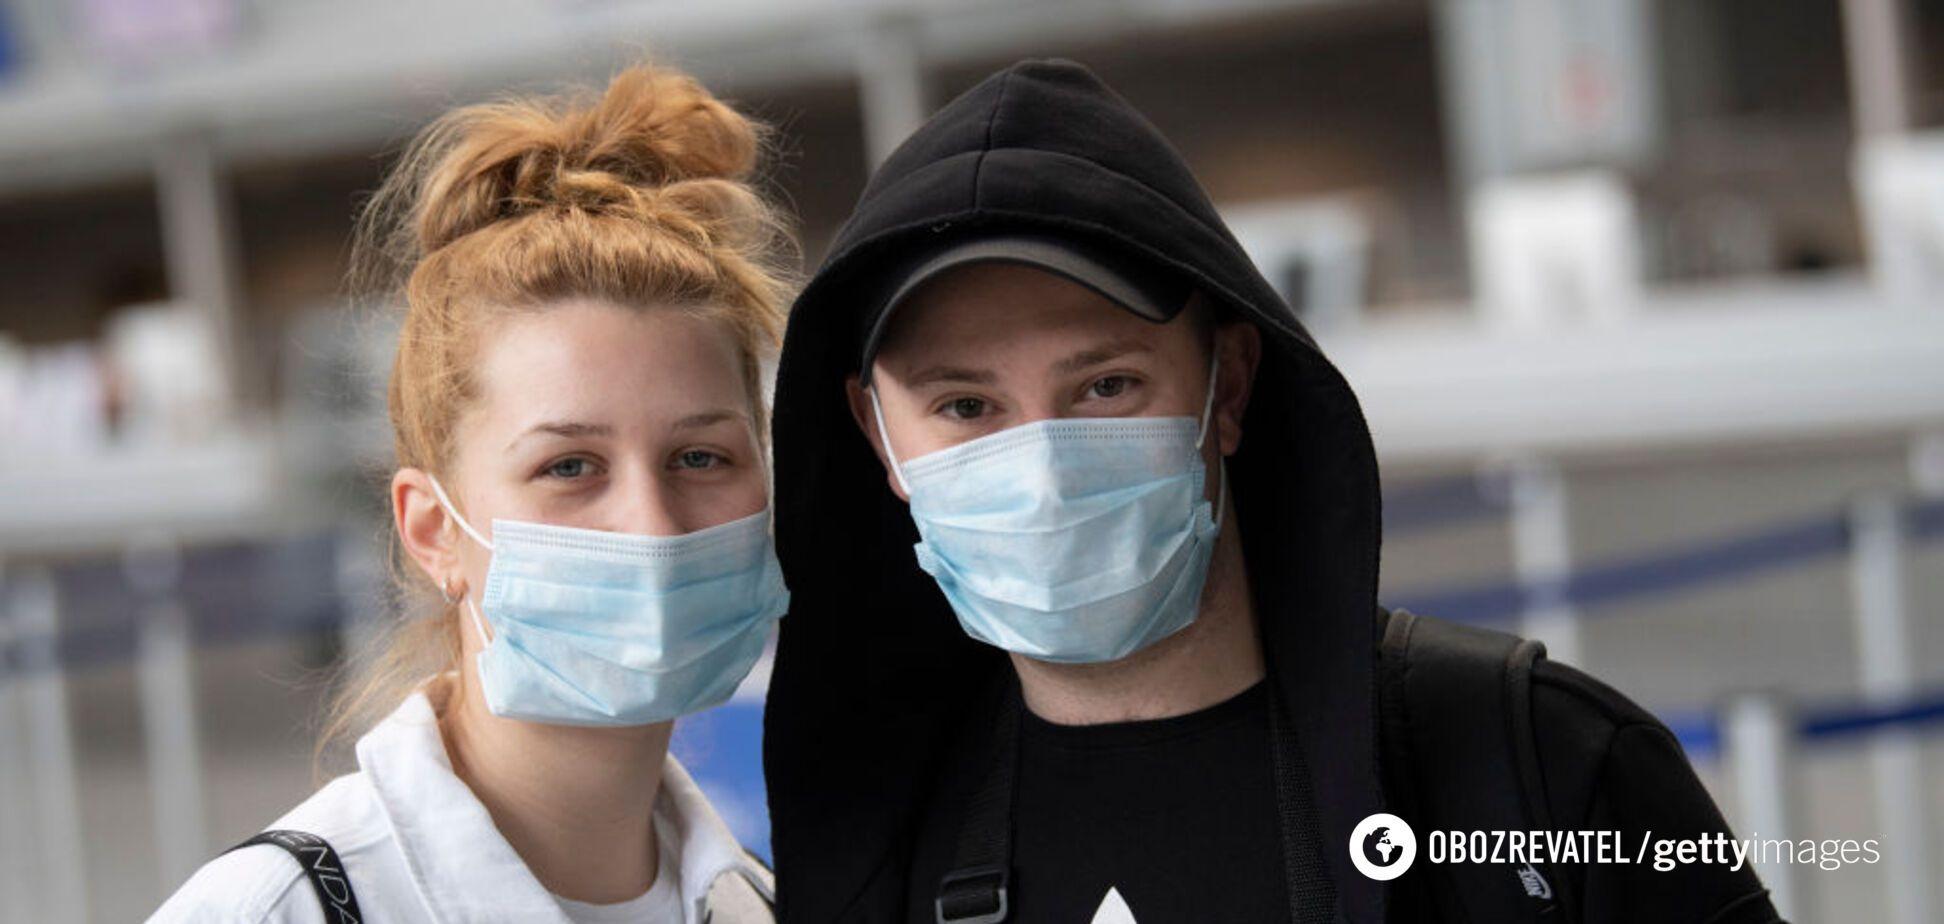 Зв'язку не було, але гуляти можна: українці, що застрягли в Єгипті, розповіли про ізоляцію